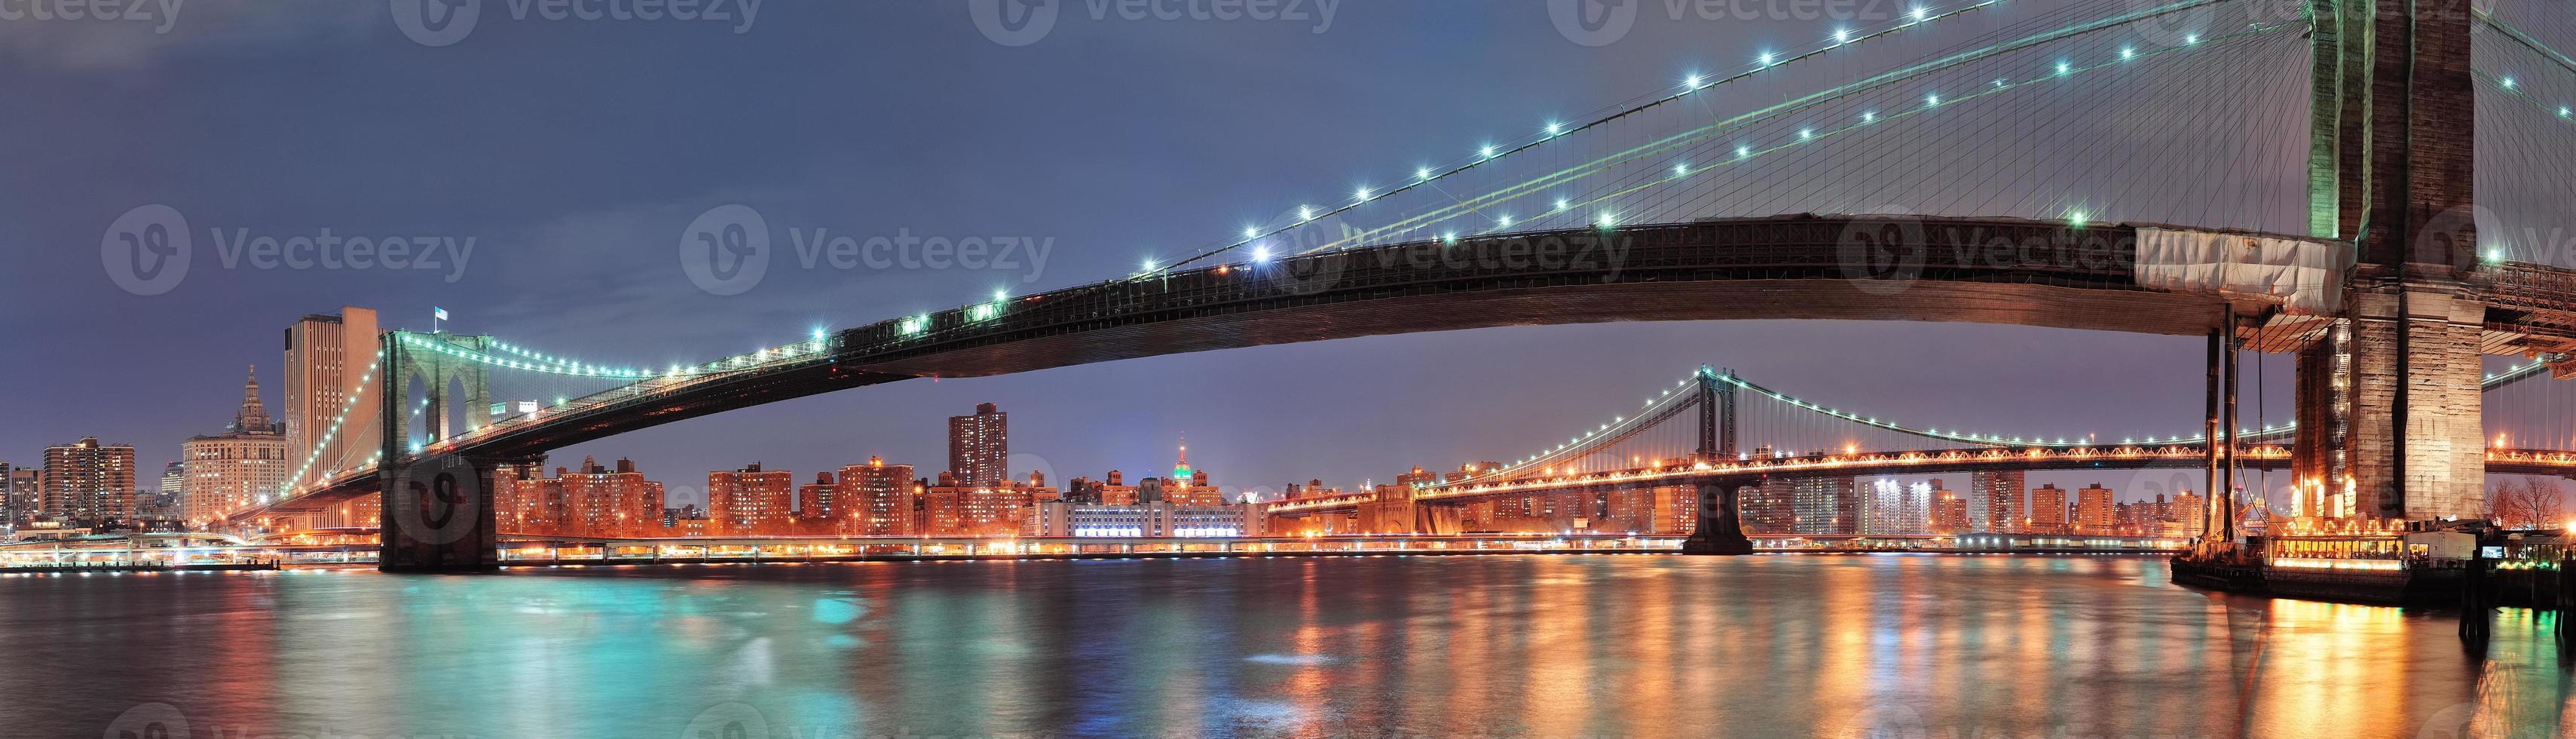 Manhattan und Brooklyn Bridge foto